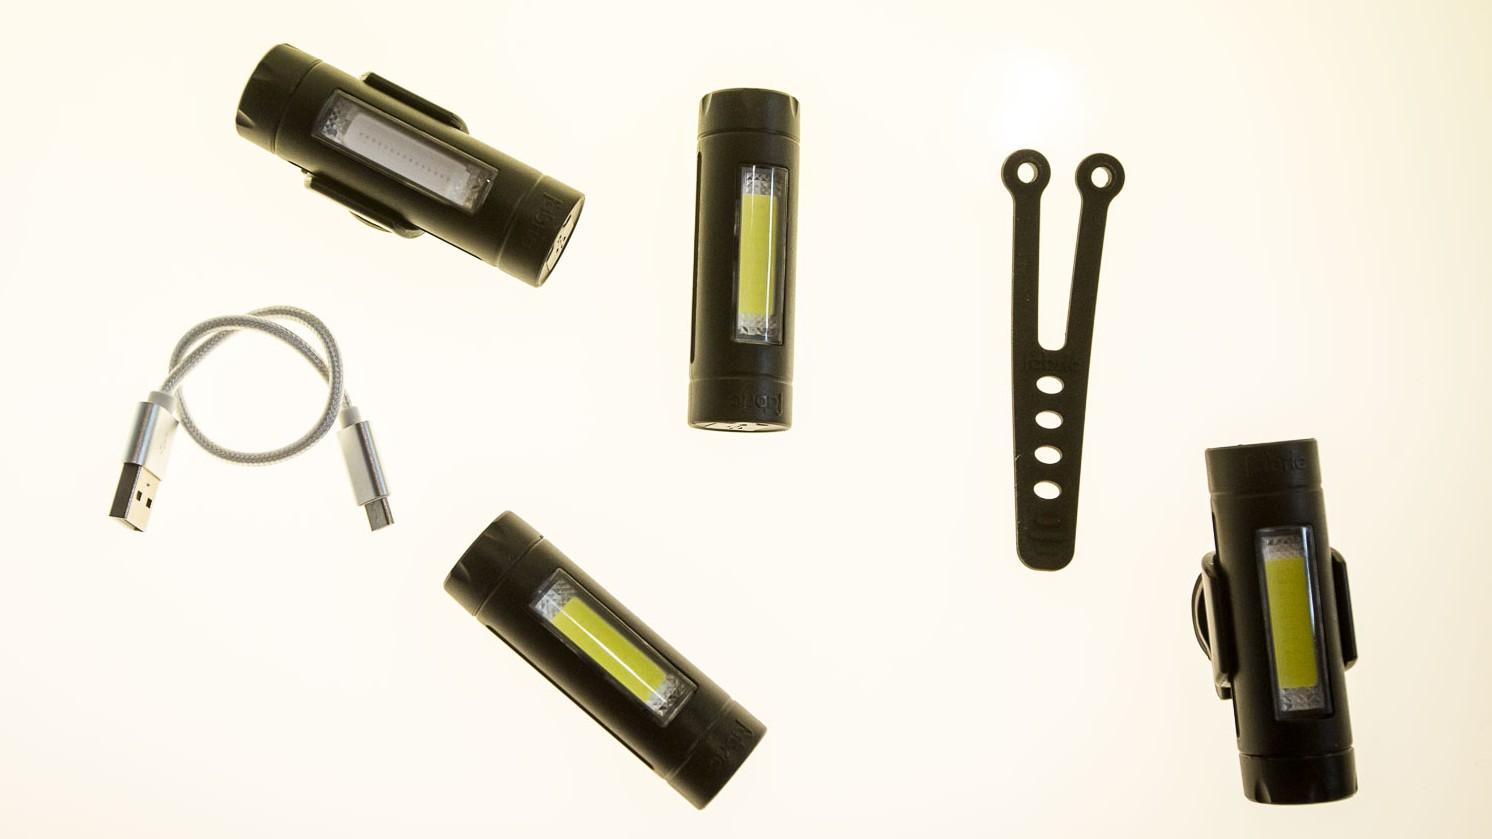 Das Rücklicht FL30 erkennt ob man bremst, und erhöht die Leuchtkraft. Geladen wird mittels USB-Port.